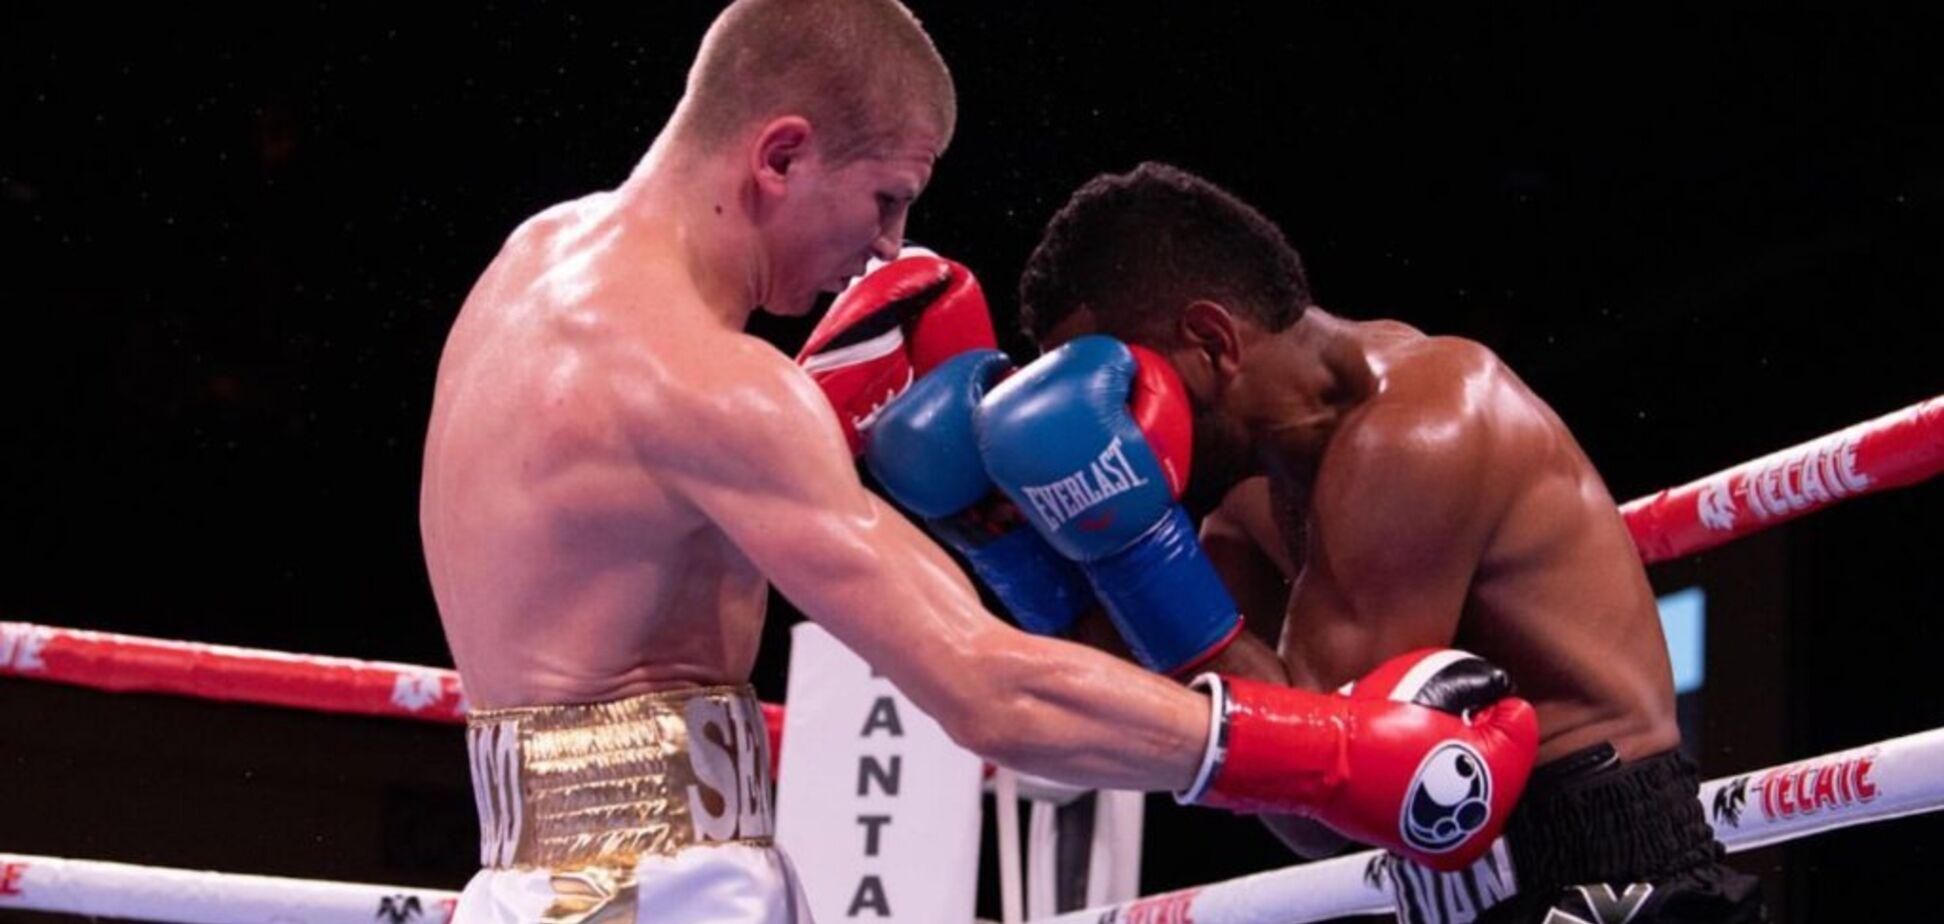 Непобедимый украинский боксер выиграл бой эффектным нокаутом - опубликовано видео